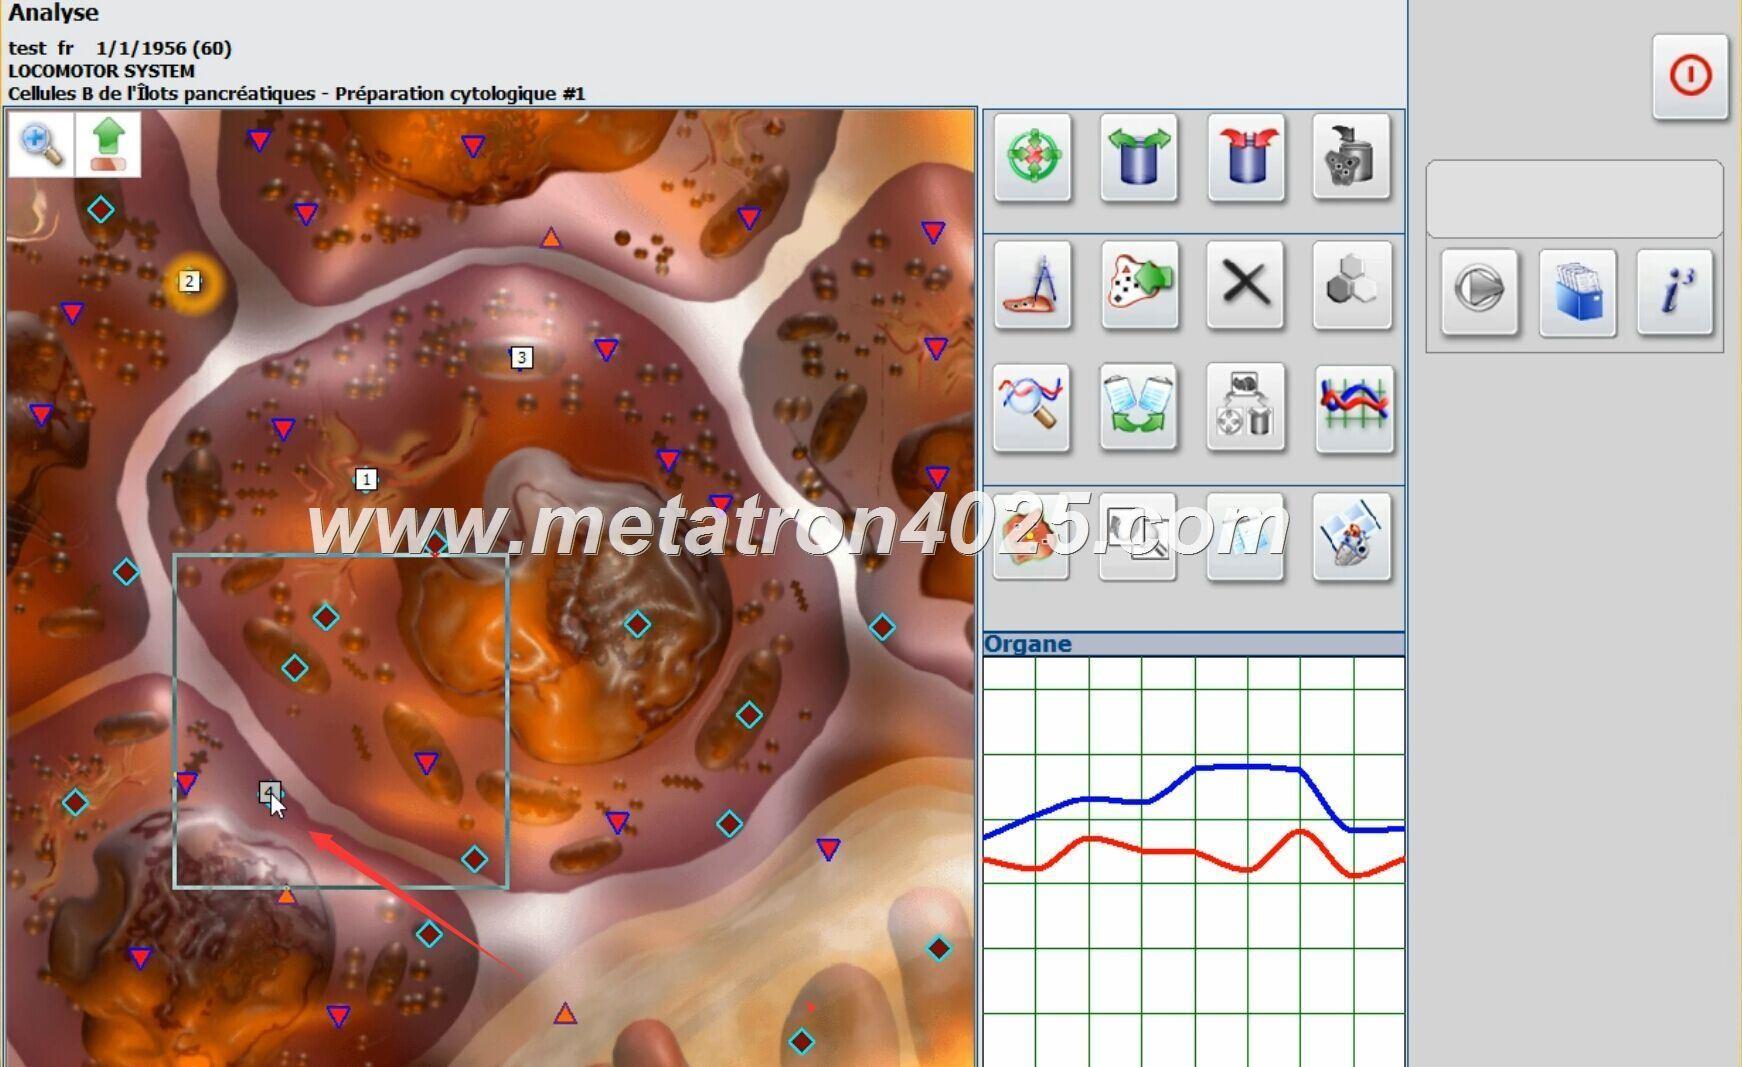 metatron nls